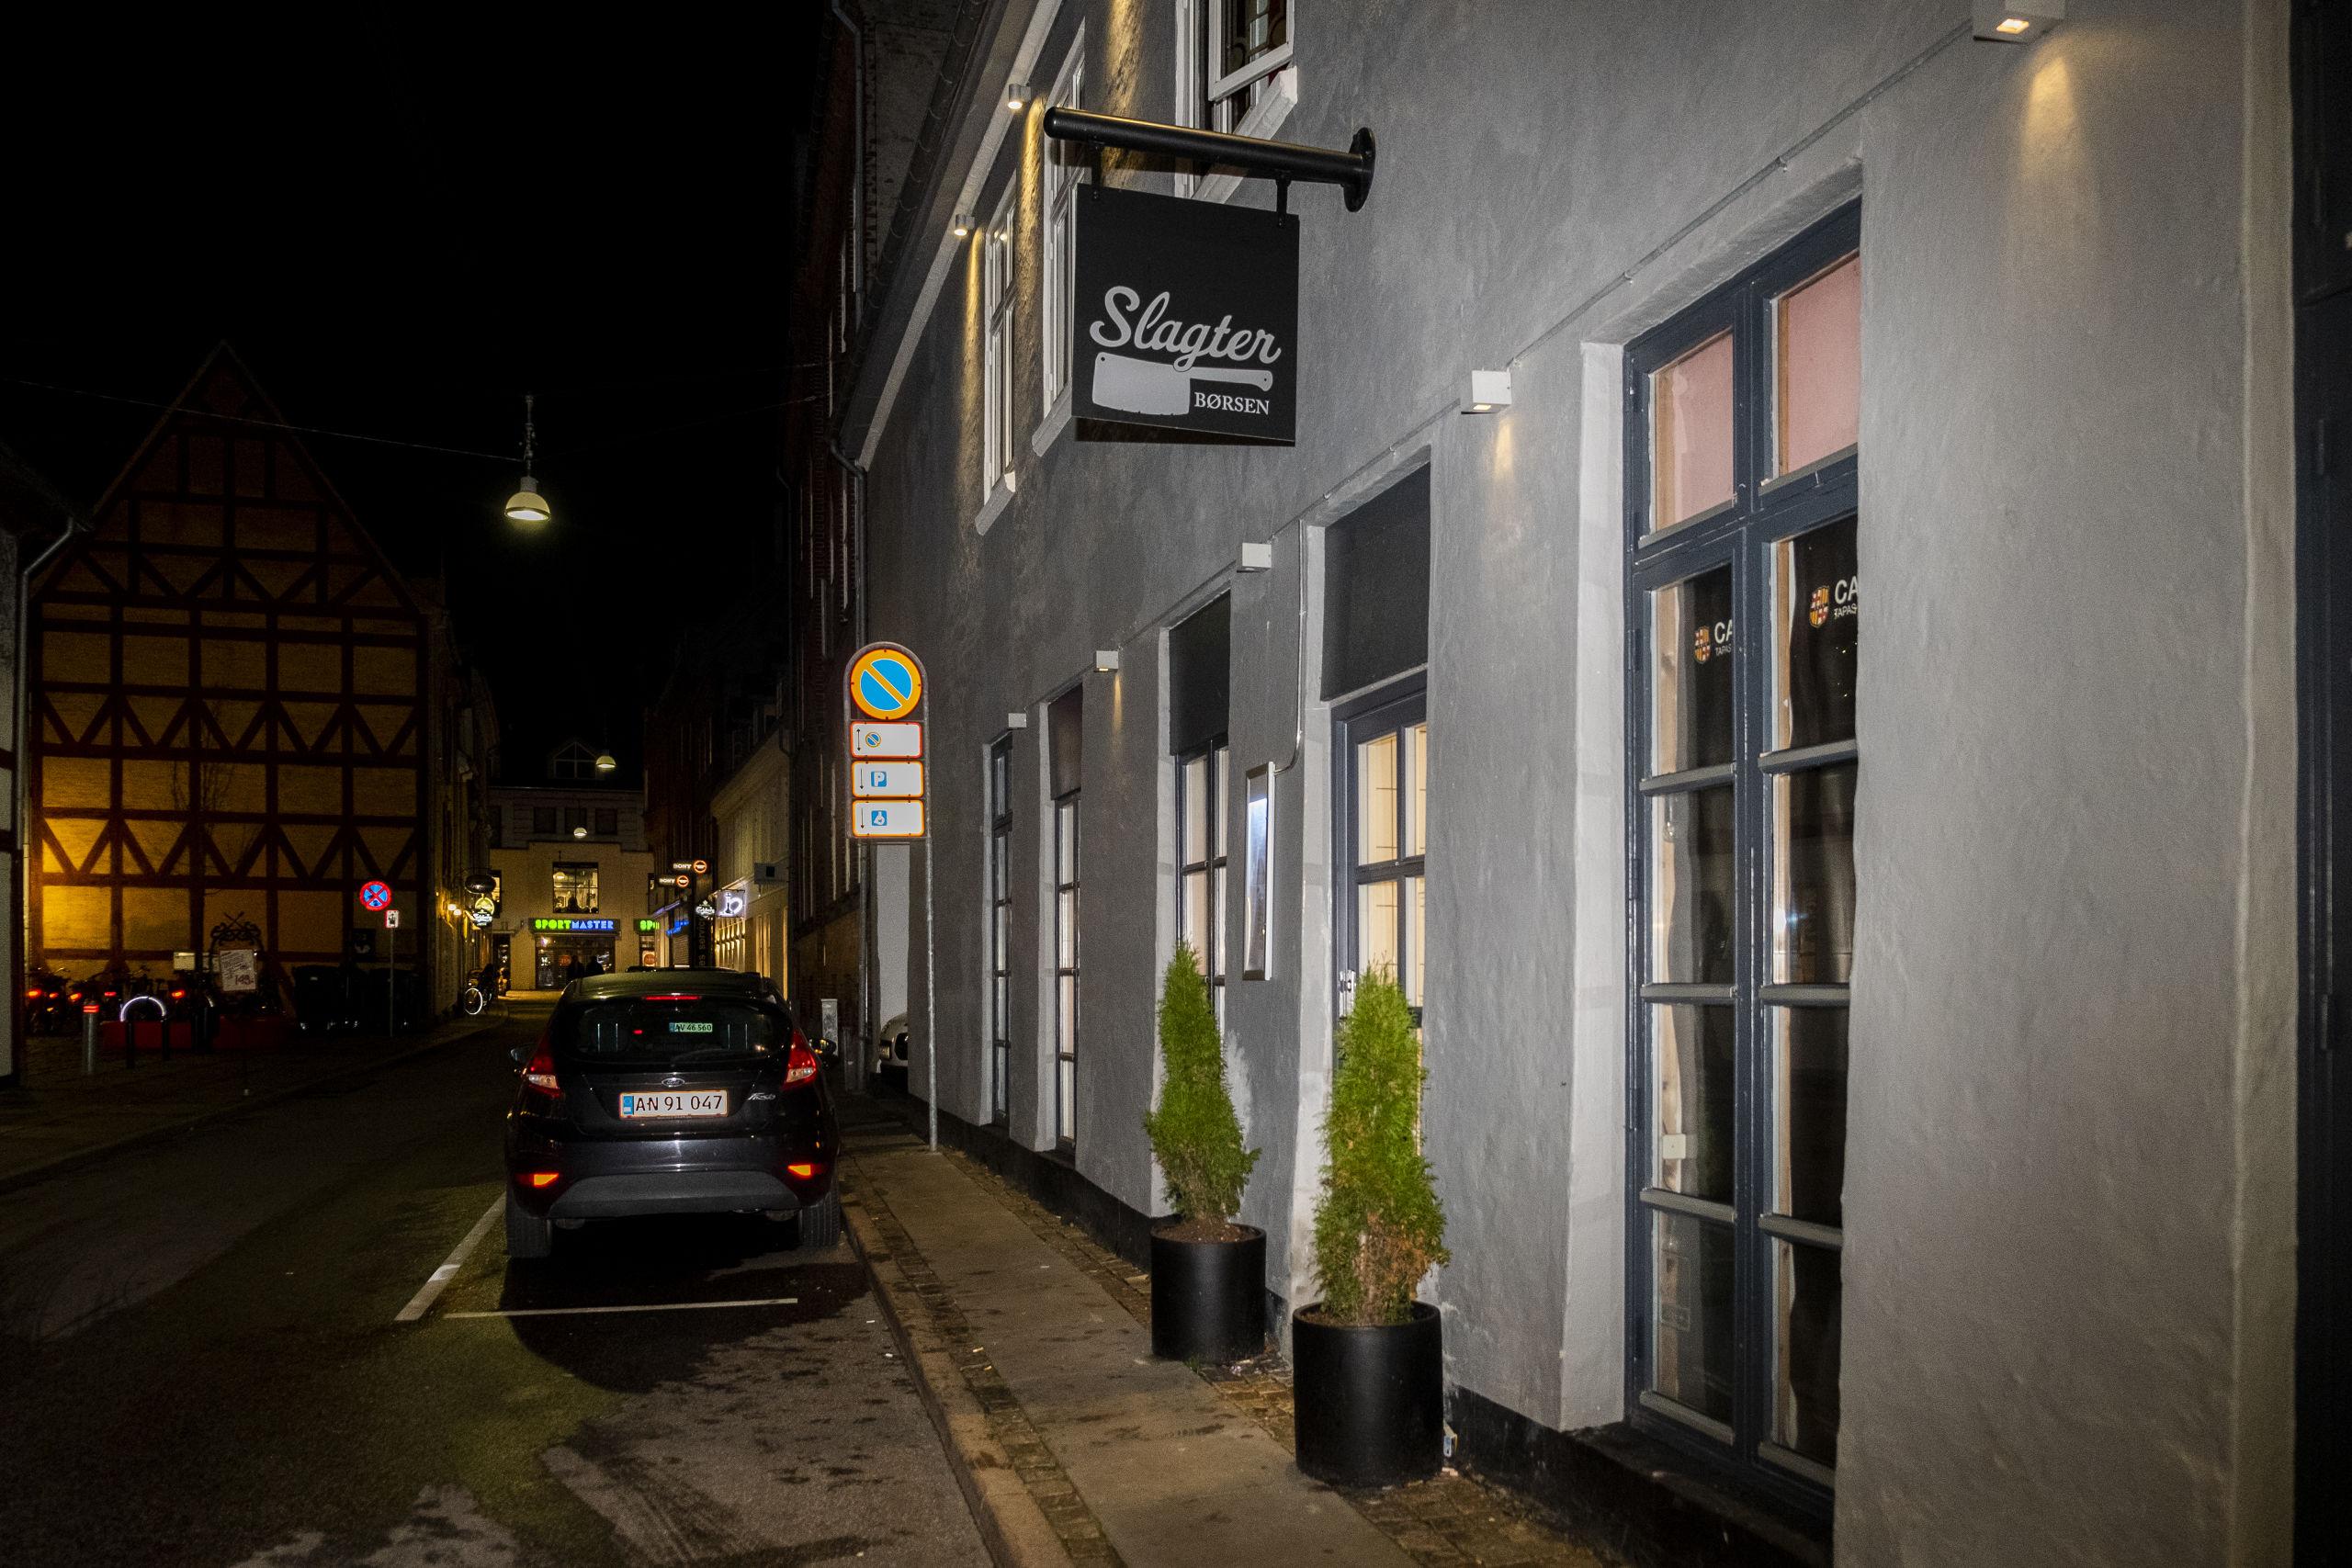 Man finder CANblau og Slagterbørsen på adressen Ved Stranden 5, hvor de begge er samlet under ét tag. Foto: Lasse Sand